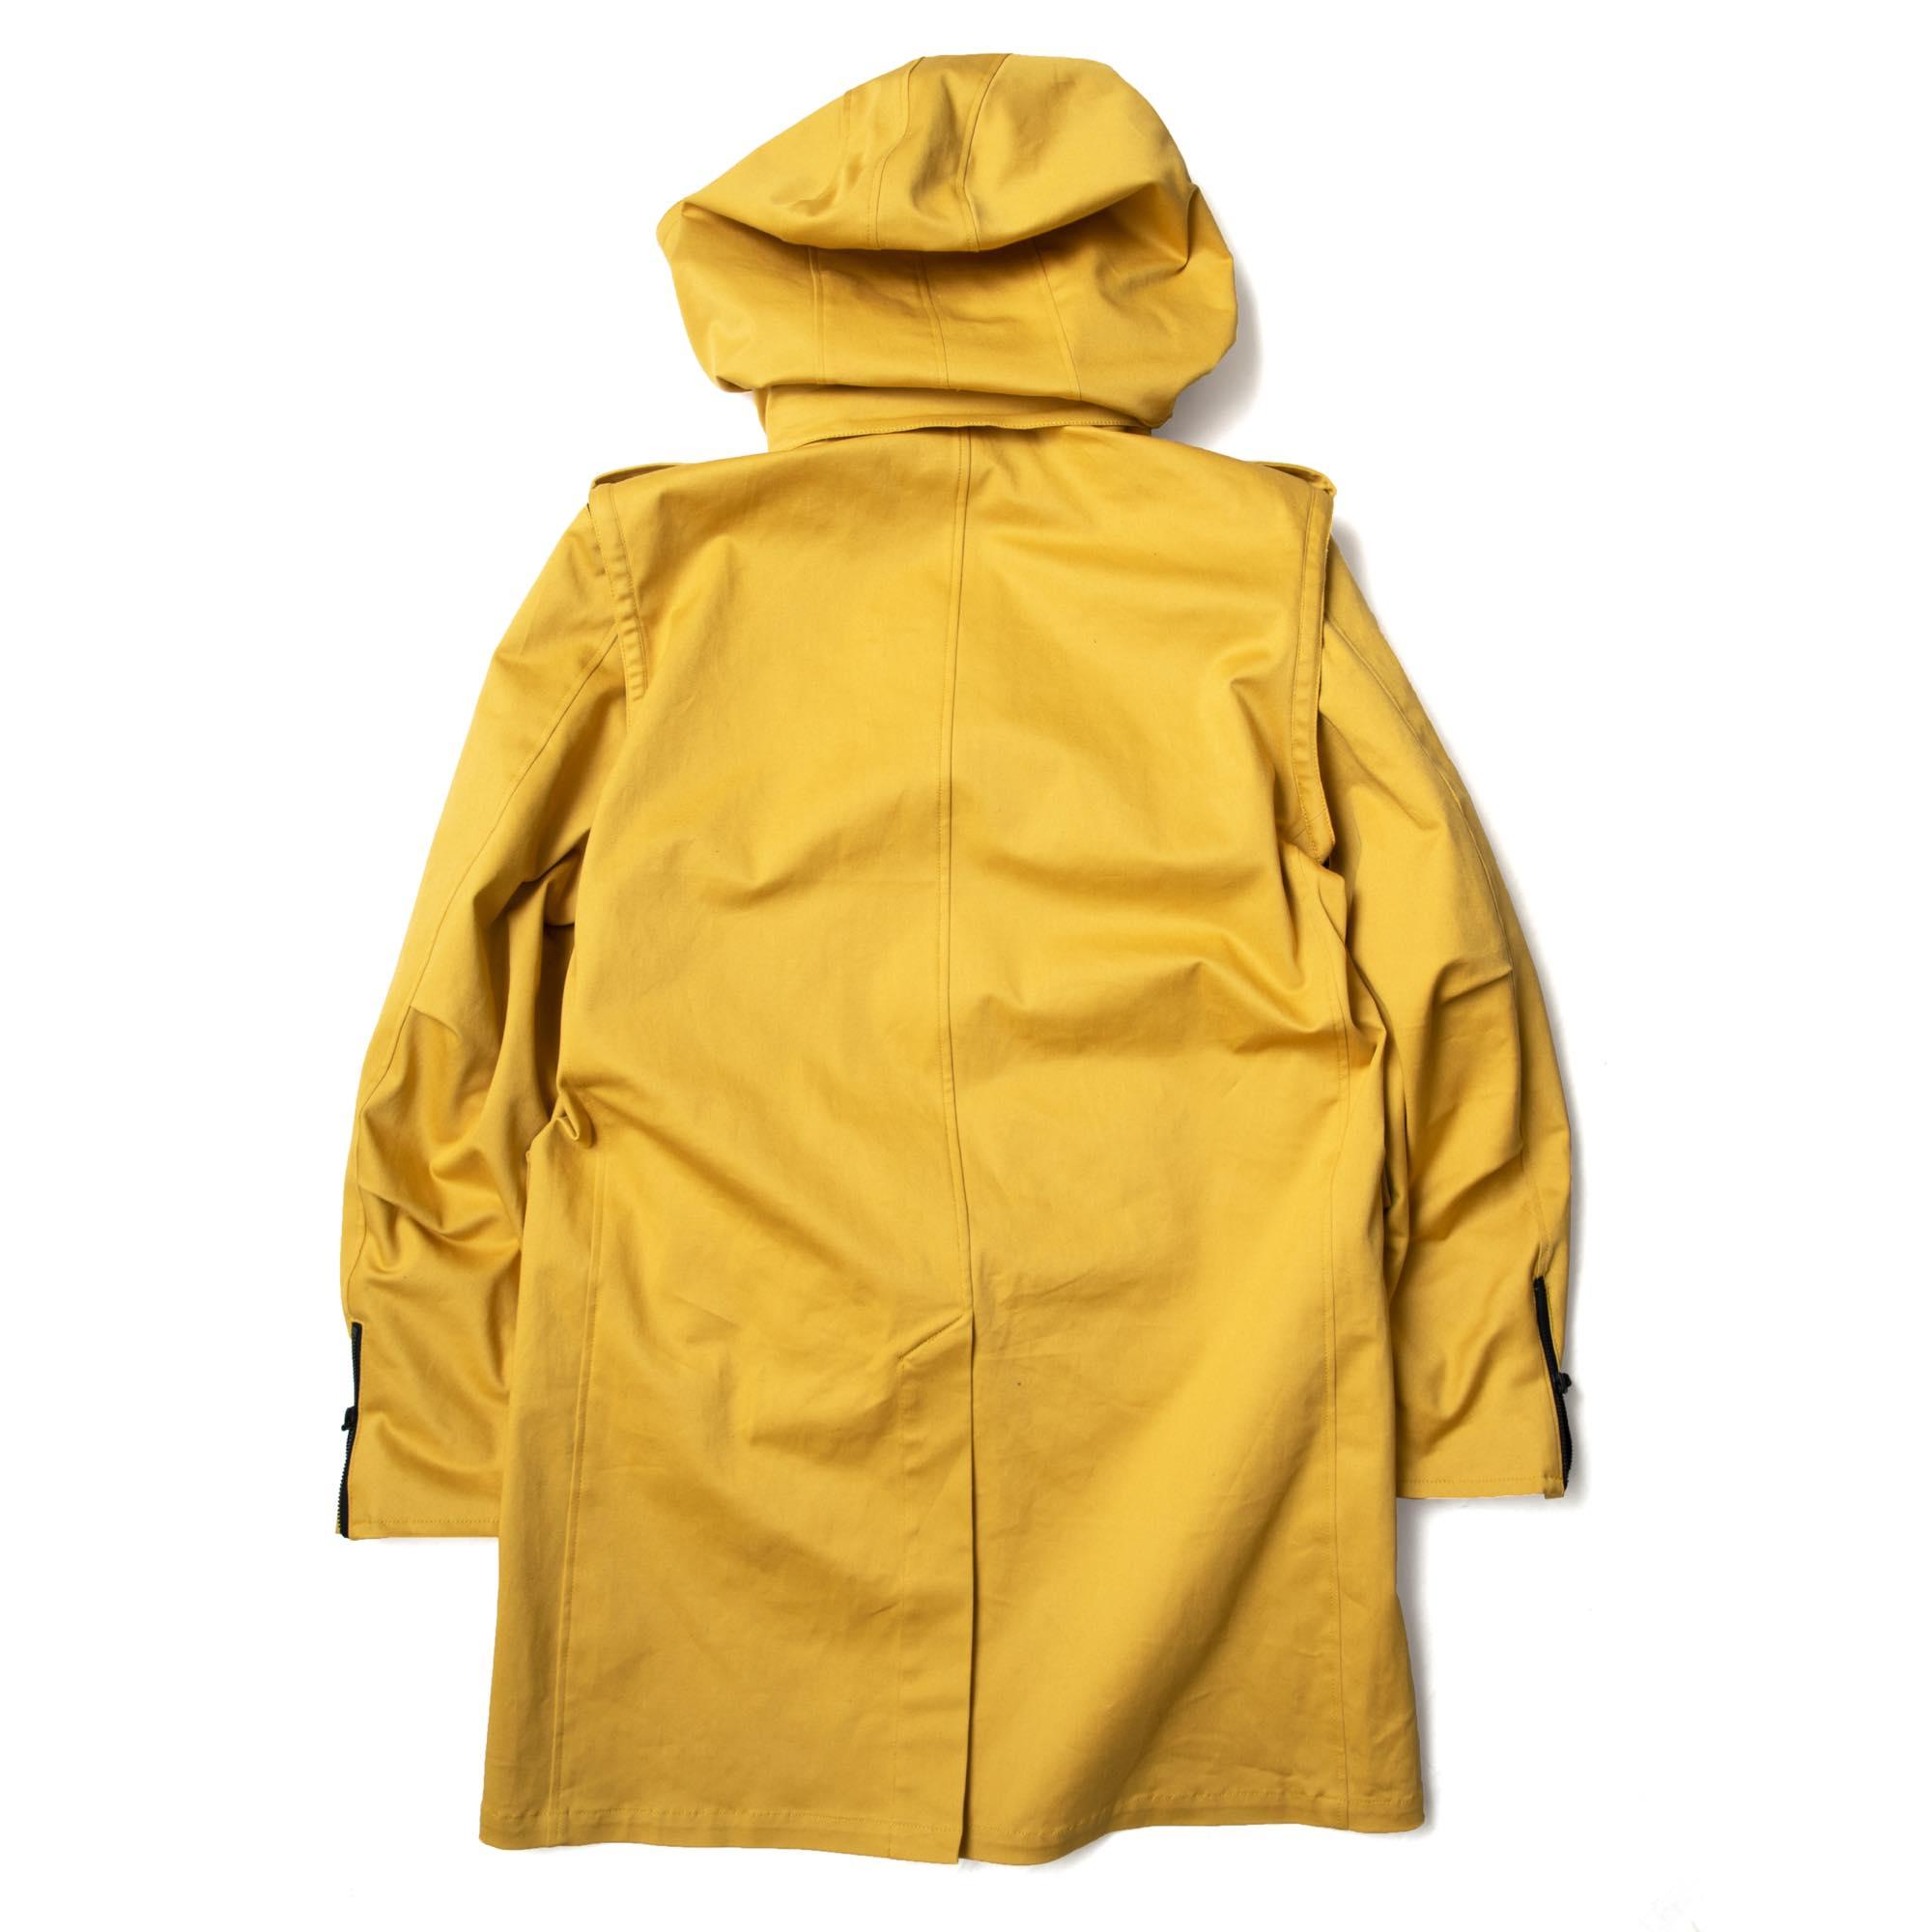 coat_yel_008